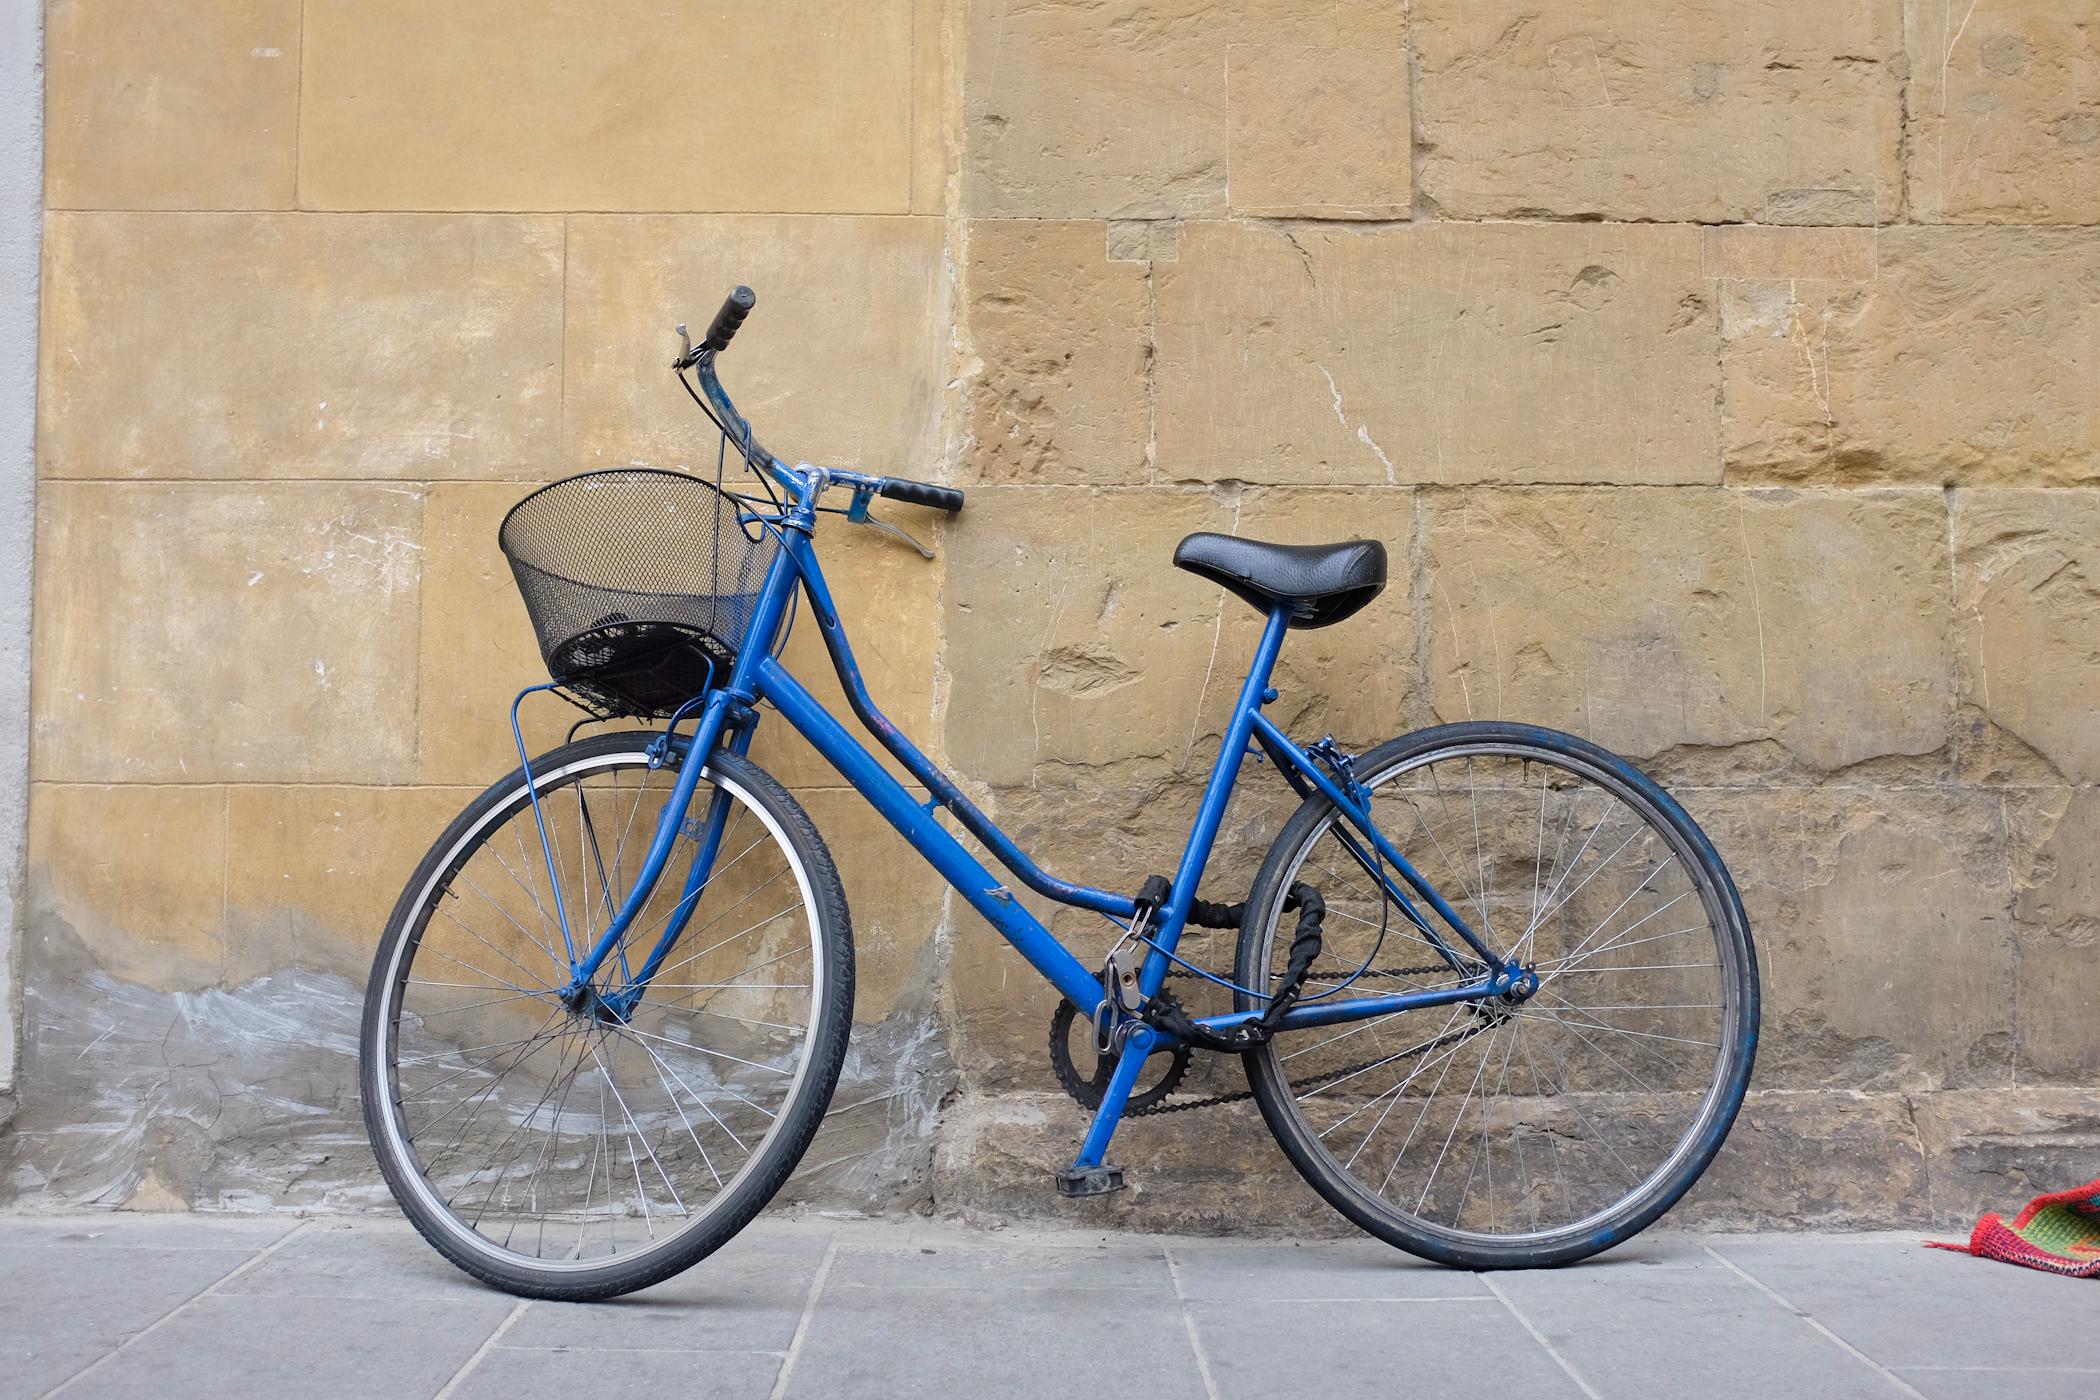 palermo bicicletti di firenze jan15-42.jpg